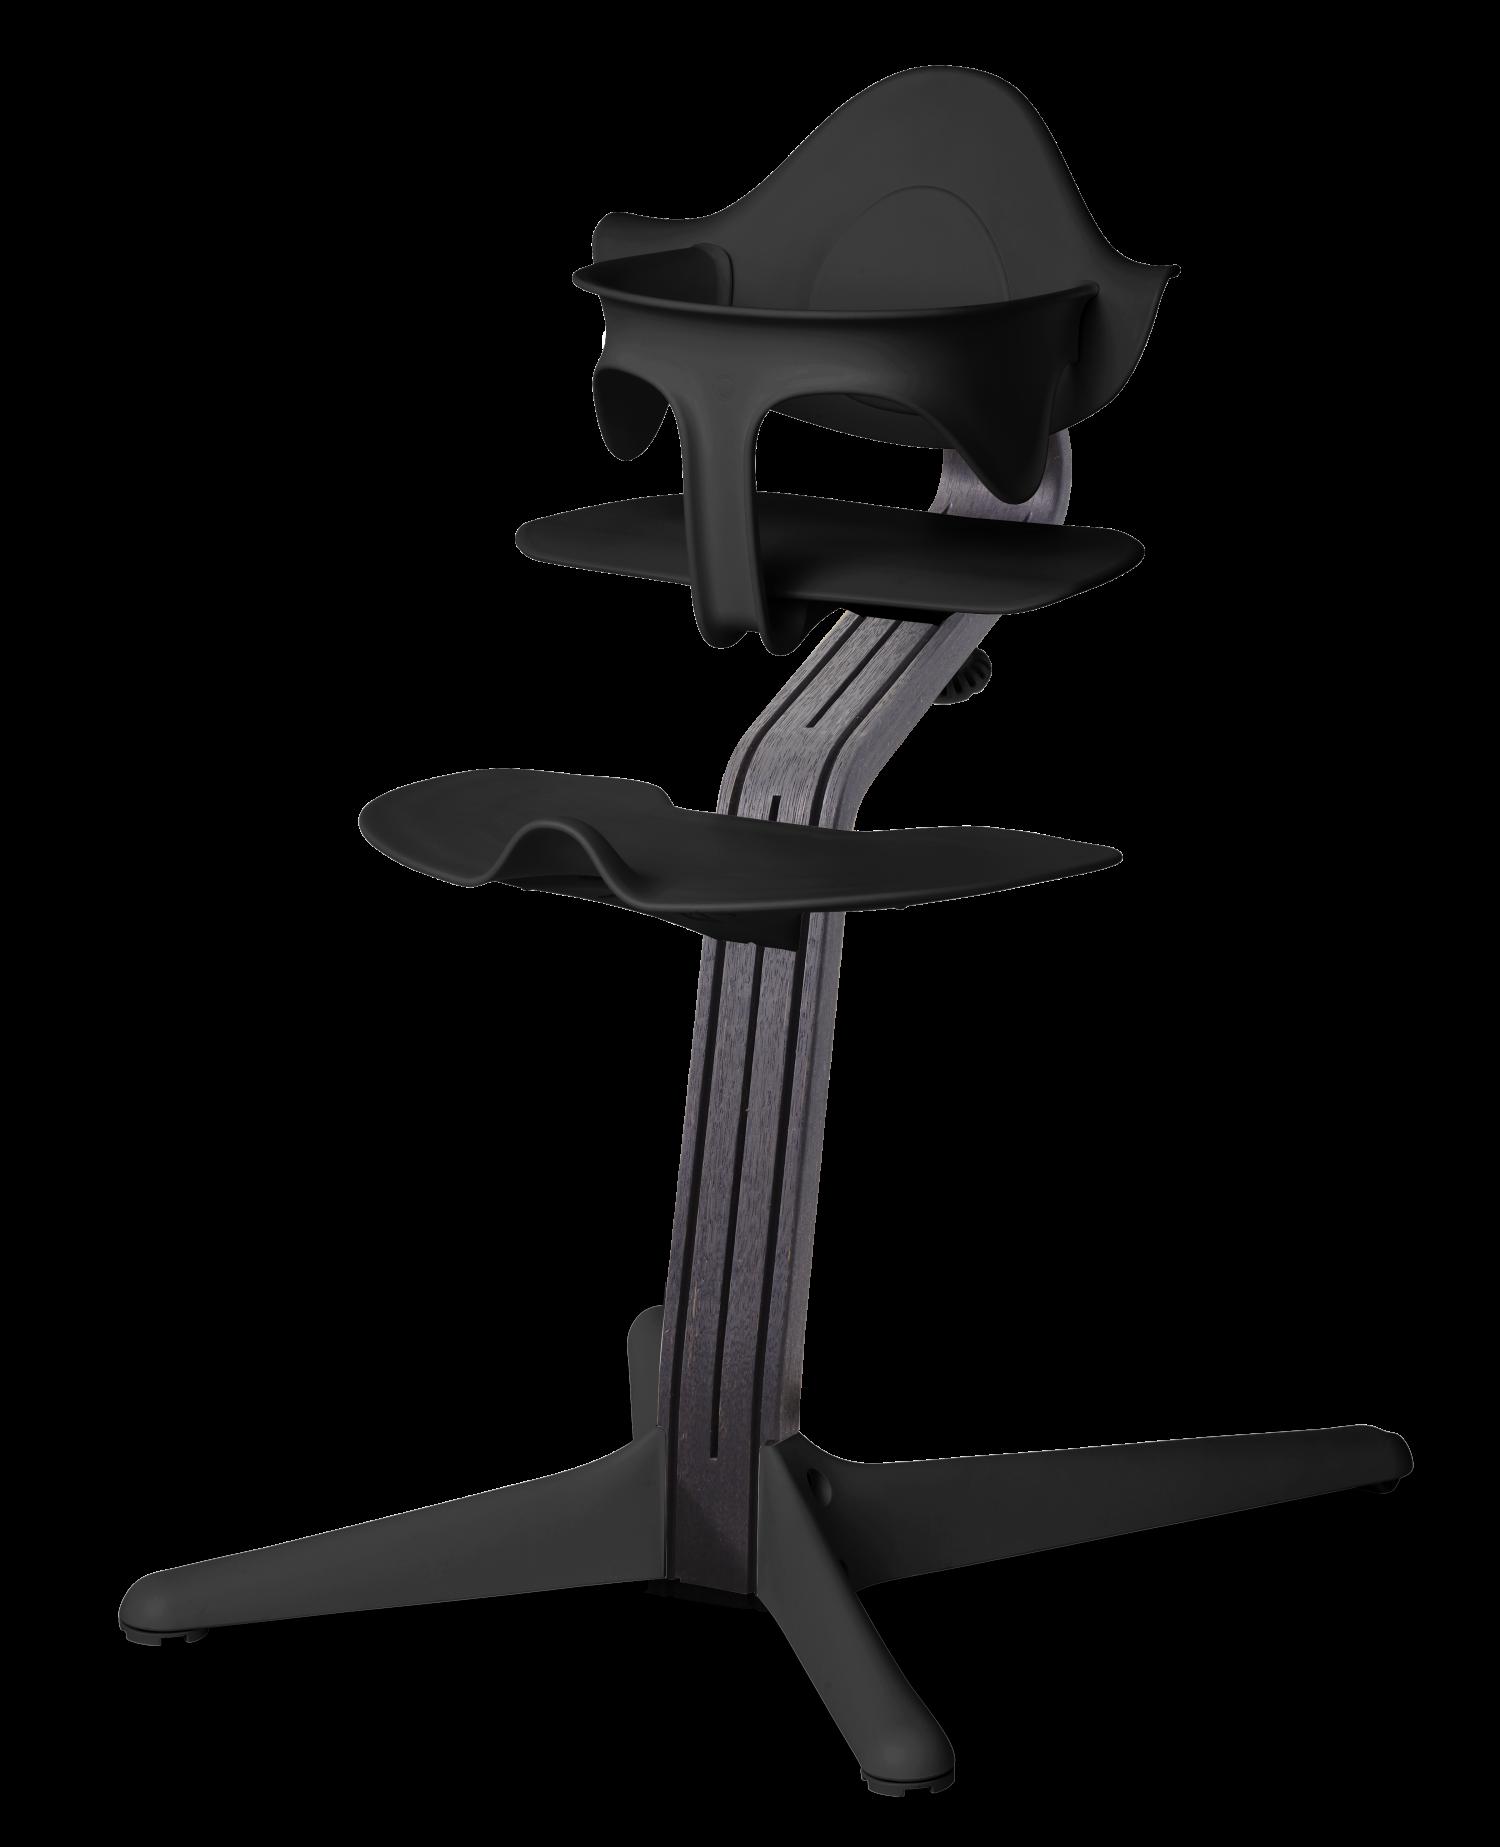 Nomi NOMI Hochstuhl Ideales Set ab 6 Monaten Basic Eiche schwarz gebeizt und Stuhl schwarz